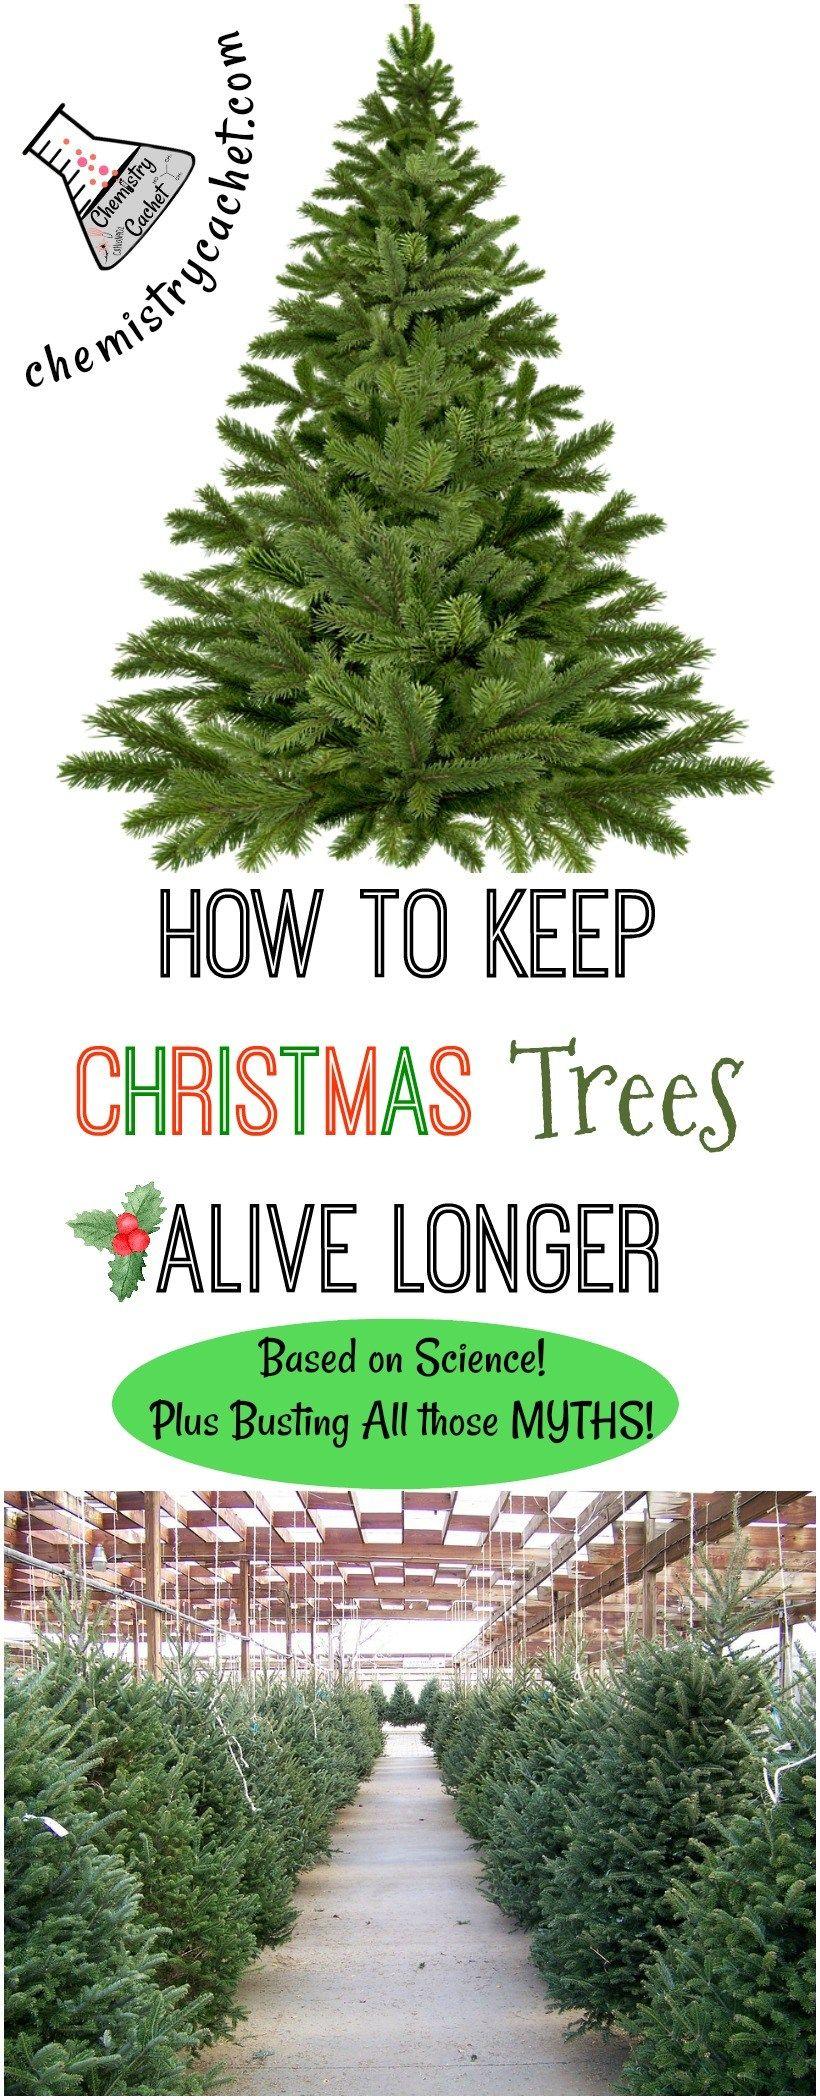 How To Keep Christmas Trees Alive Longer Based On Science Christmas Tree Care Christmas Tree Water Real Christmas Tree